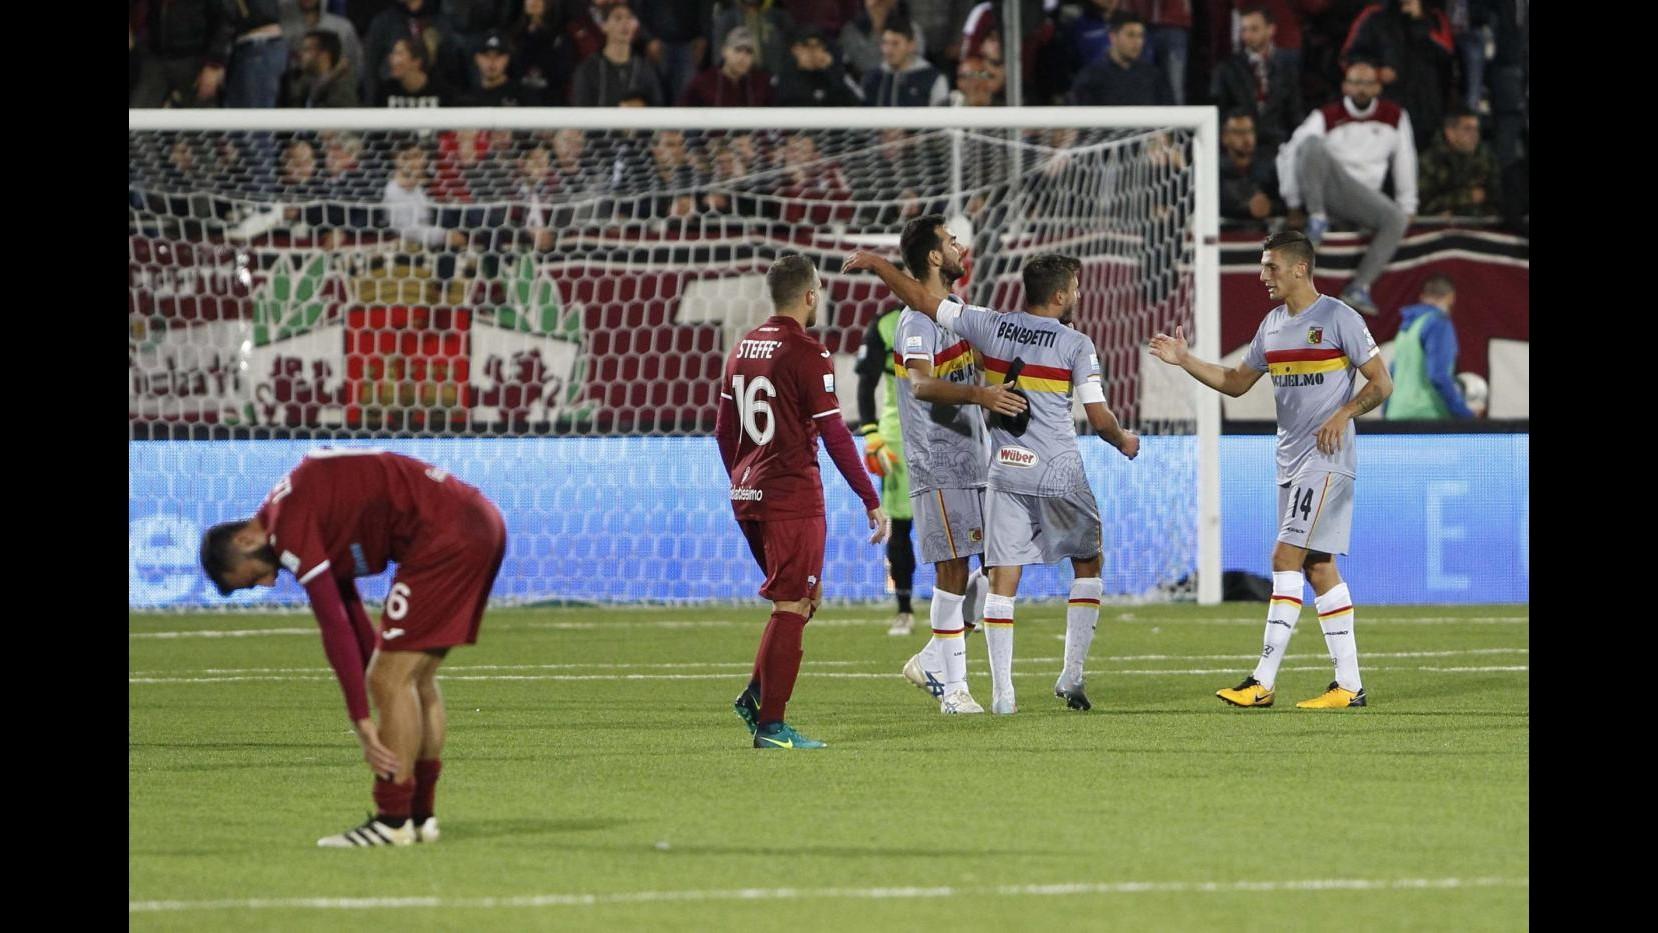 Serie C, Trapani-Catanzaro: 3-3